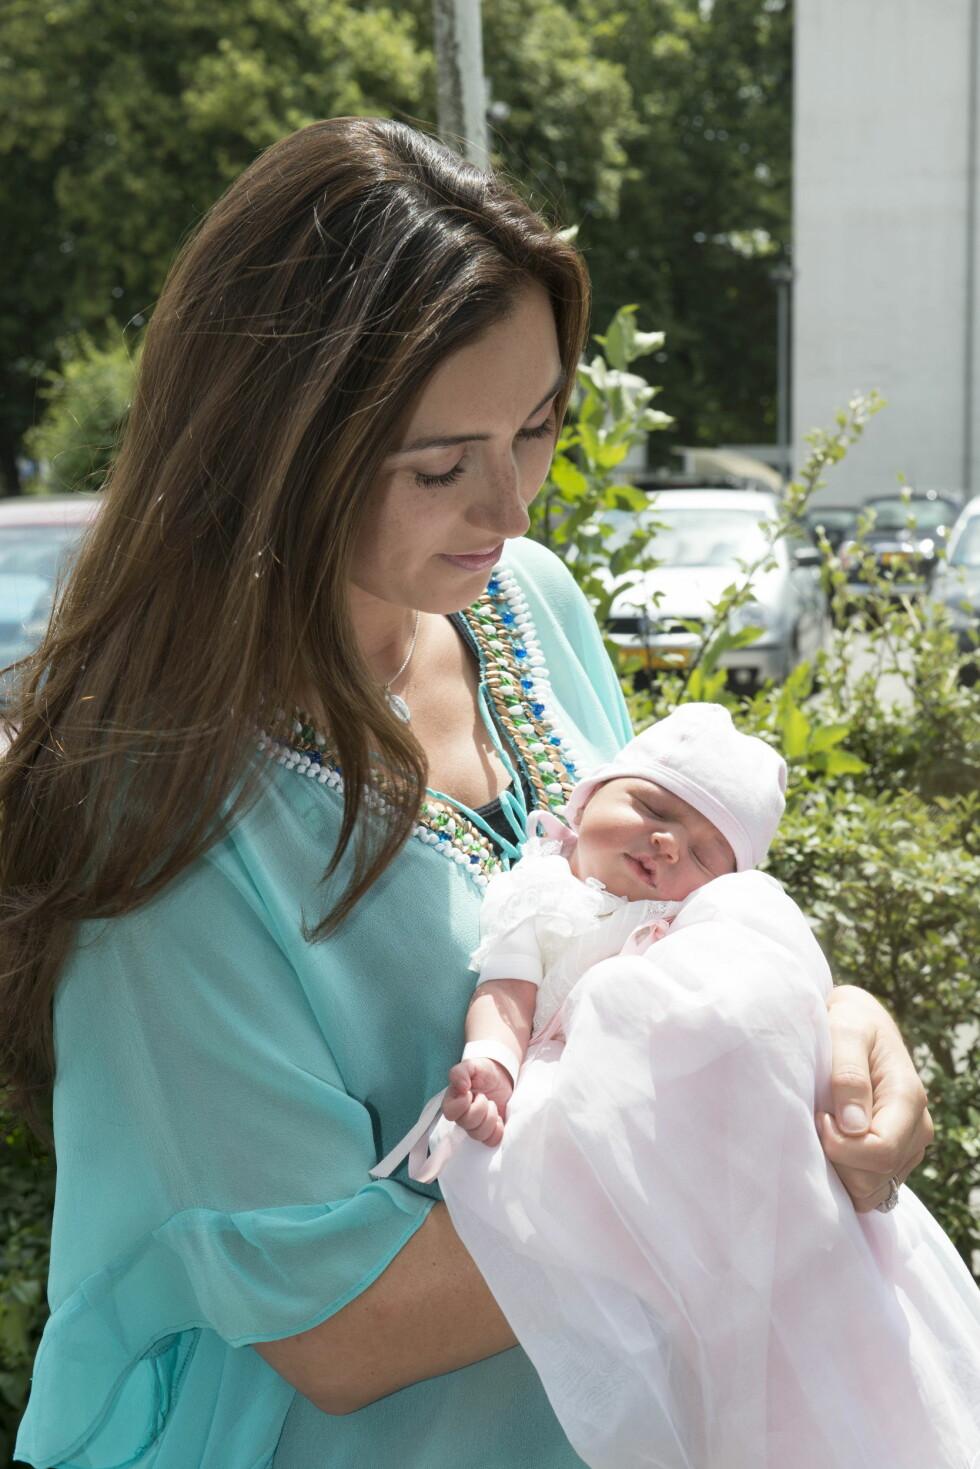 SOV SØTT: Tirsdag ettermiddag forlot den nybakte moren sykehuset sammen med sin lille prinsesse.  Foto: Stella Pictures